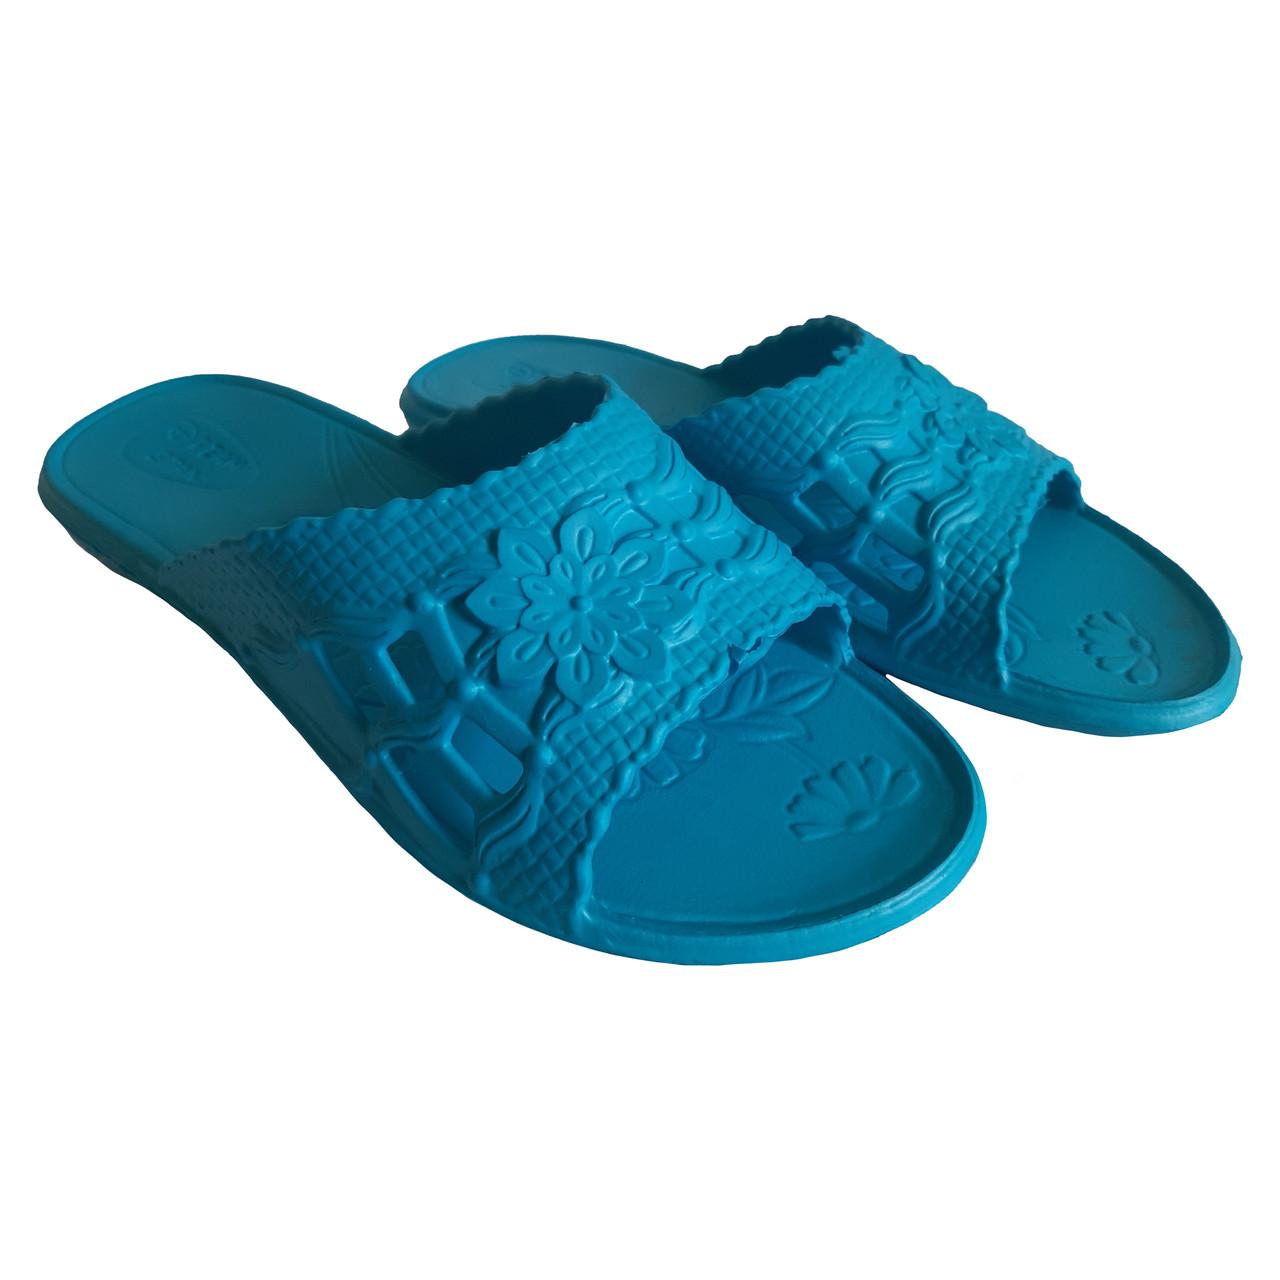 Женские шлепанцы пвх, сланцы, пантолеты, обувь пена, женская обувь впх, обувь Эва, обувь EVA